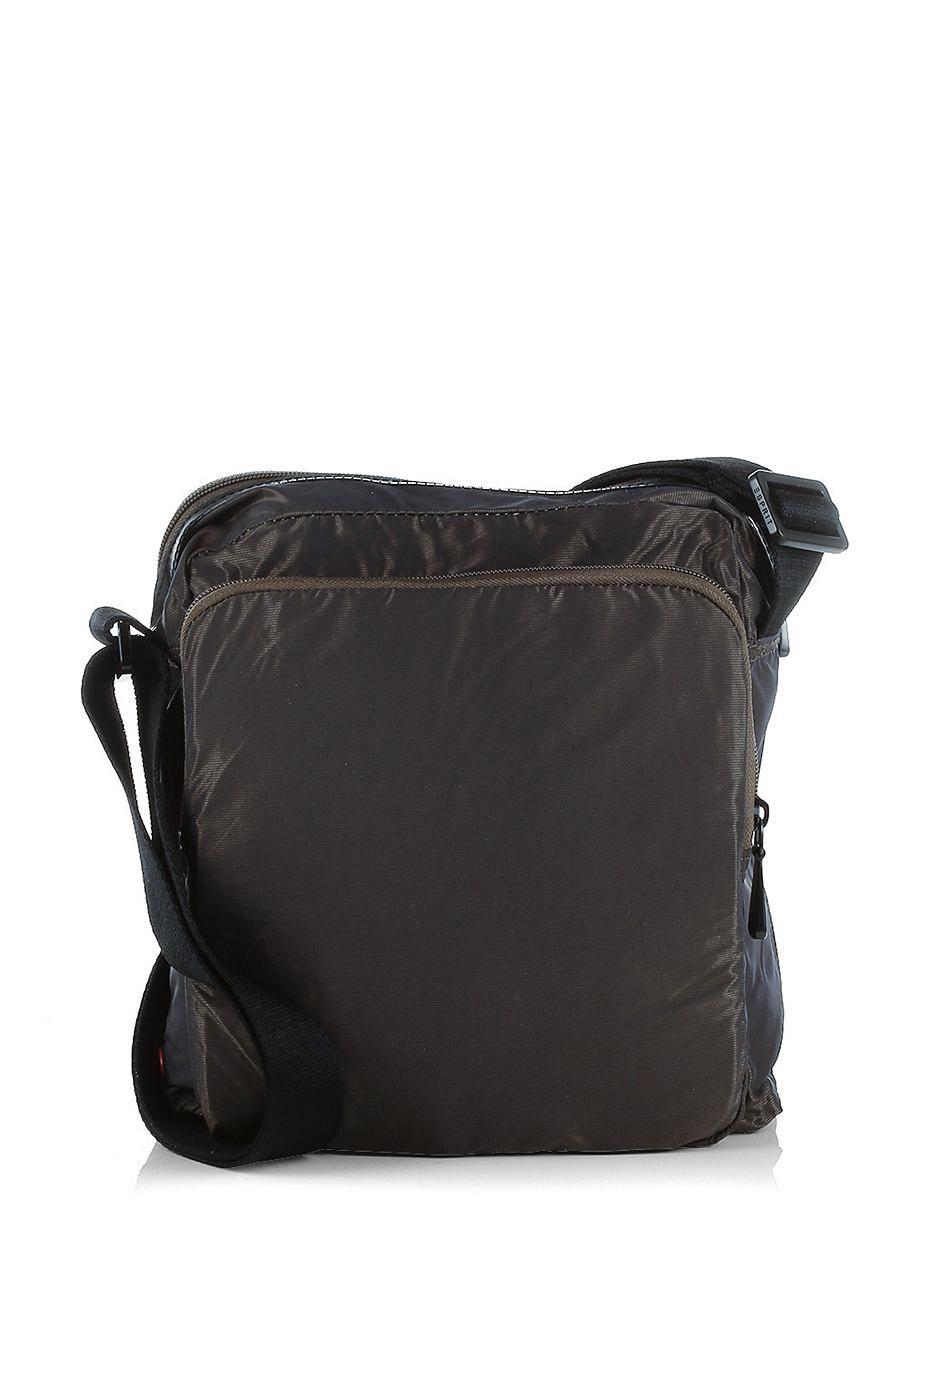 Ladys Shoulder Bag Schwarz Schulter Umhänge Tasche ESPRIT Damen Handtasche